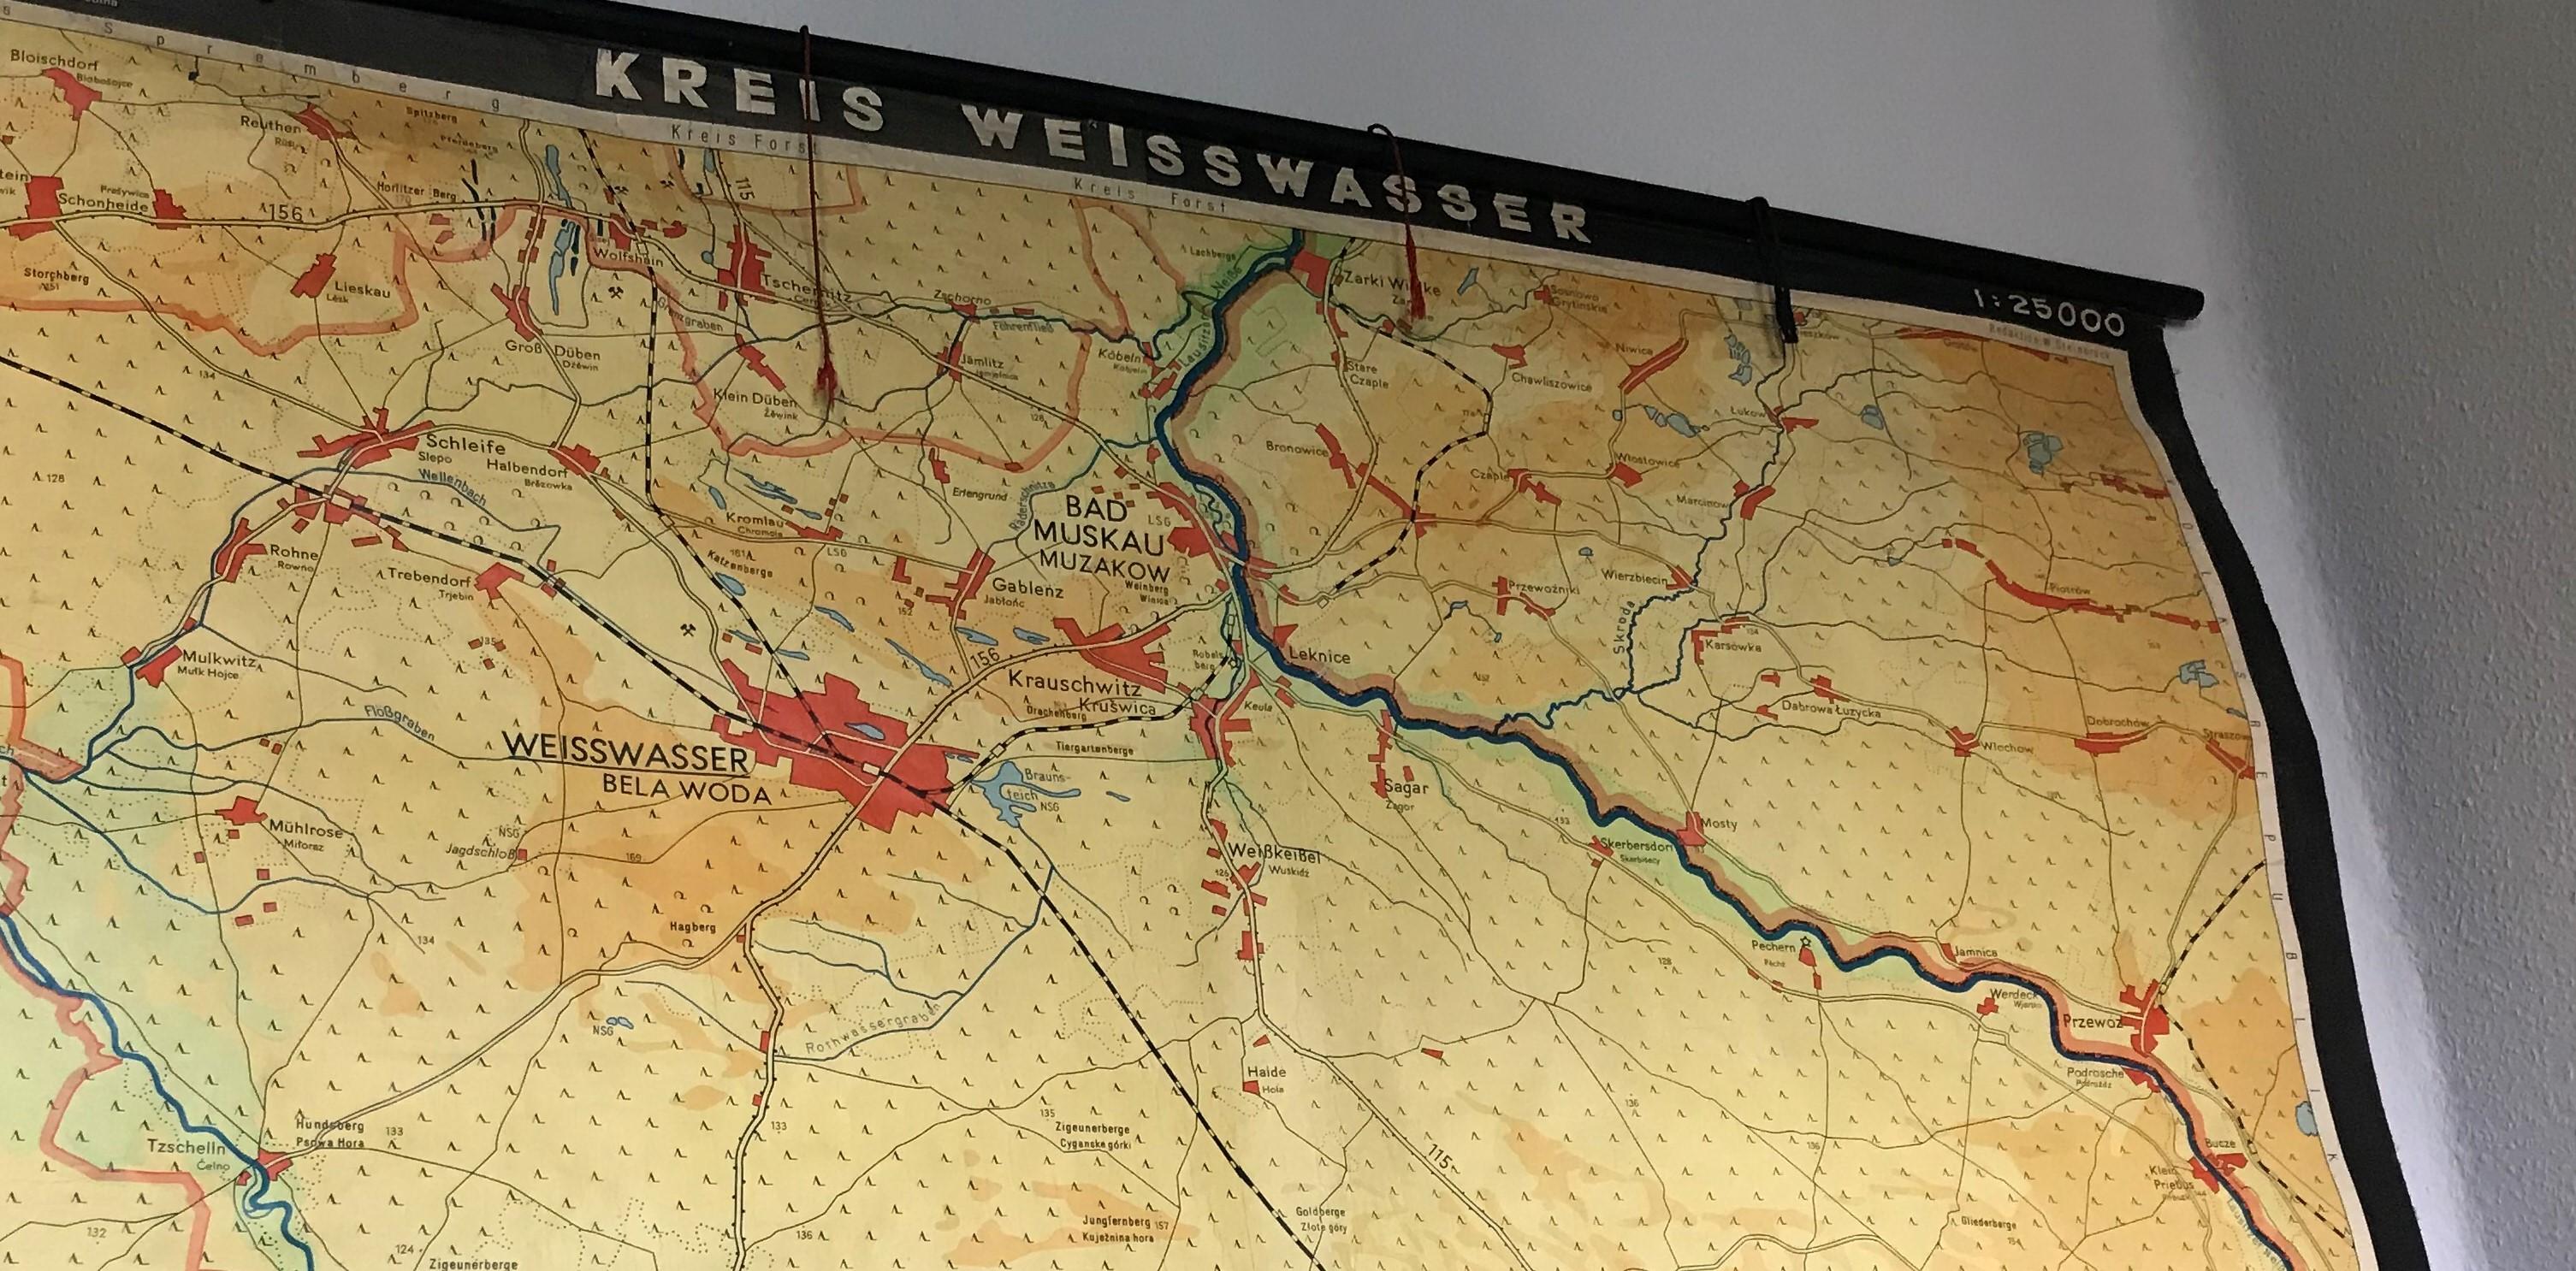 Die Landkarte der Lausitz soll bis 2038 anders aussehen: Aus Tagebauen werden Seen, aus der Kohlelandschaft eine kleinteilige Wirtschaftsregion